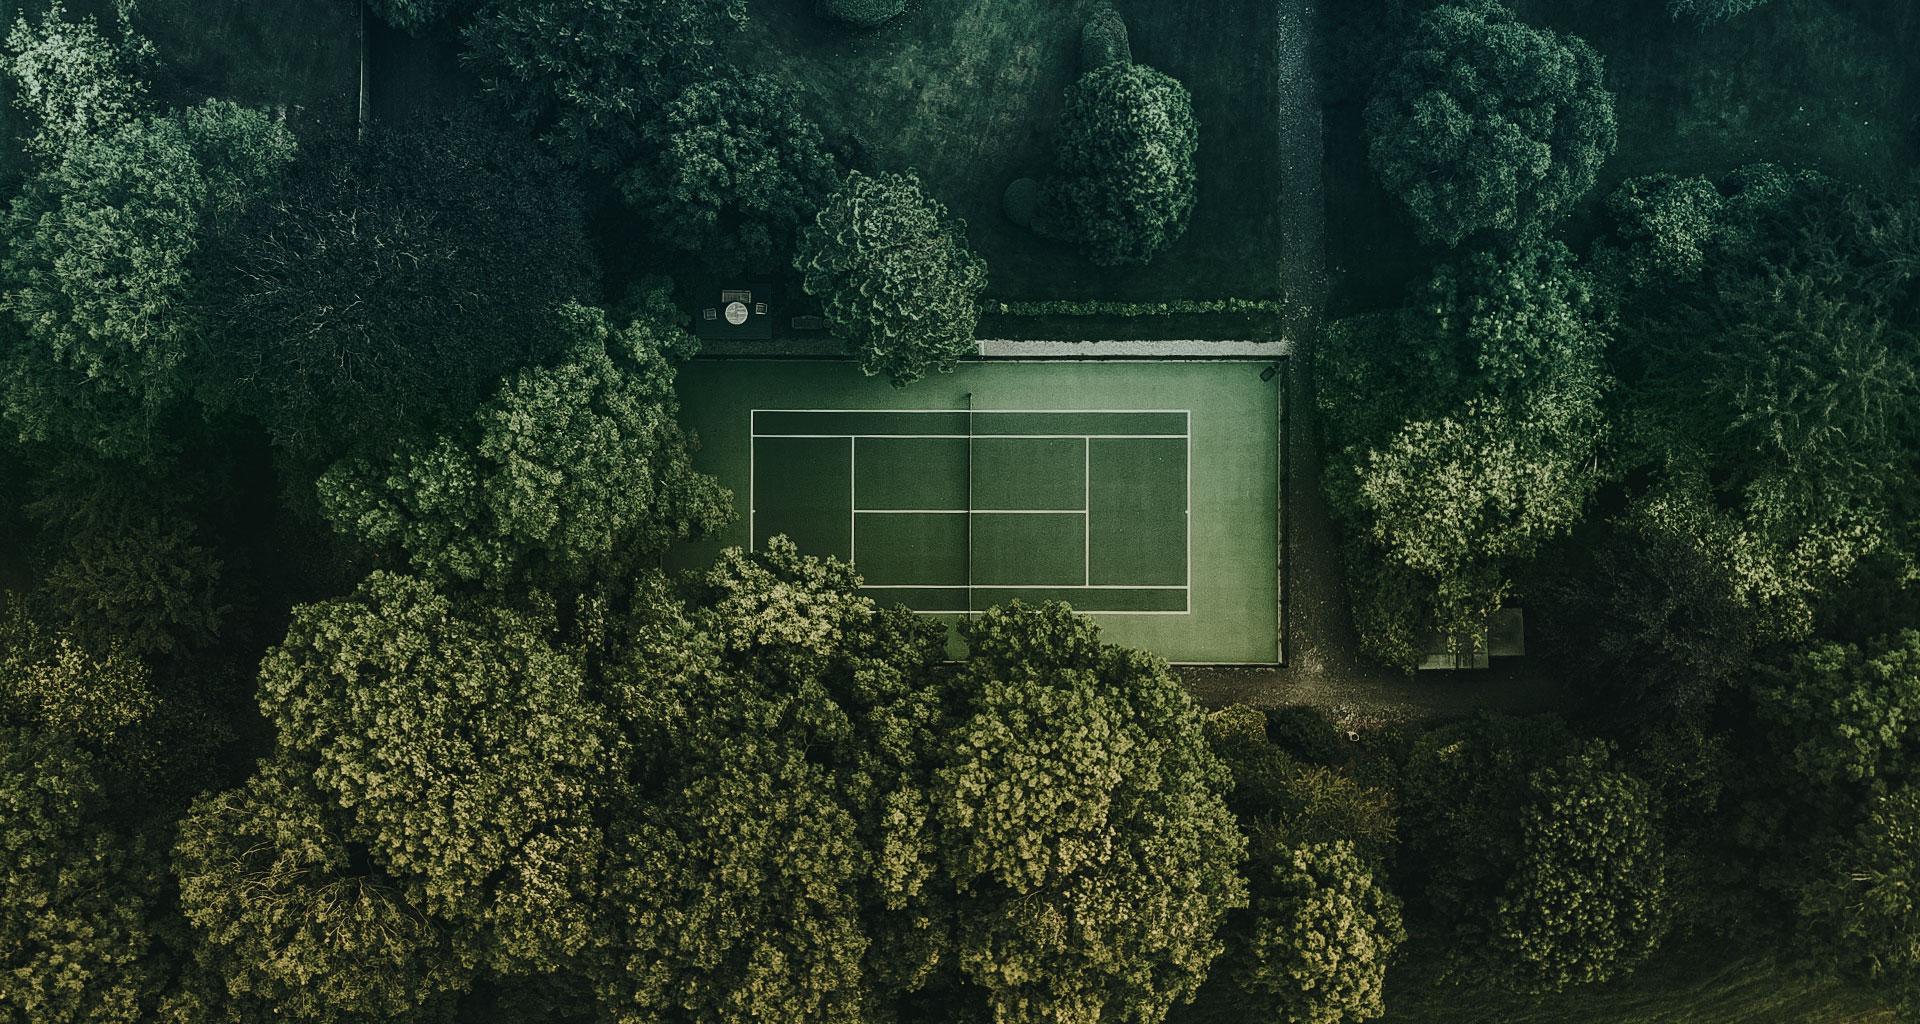 Sportmarketing Agentur Apollo18 Titelbild eines Tennisplatzes von oben